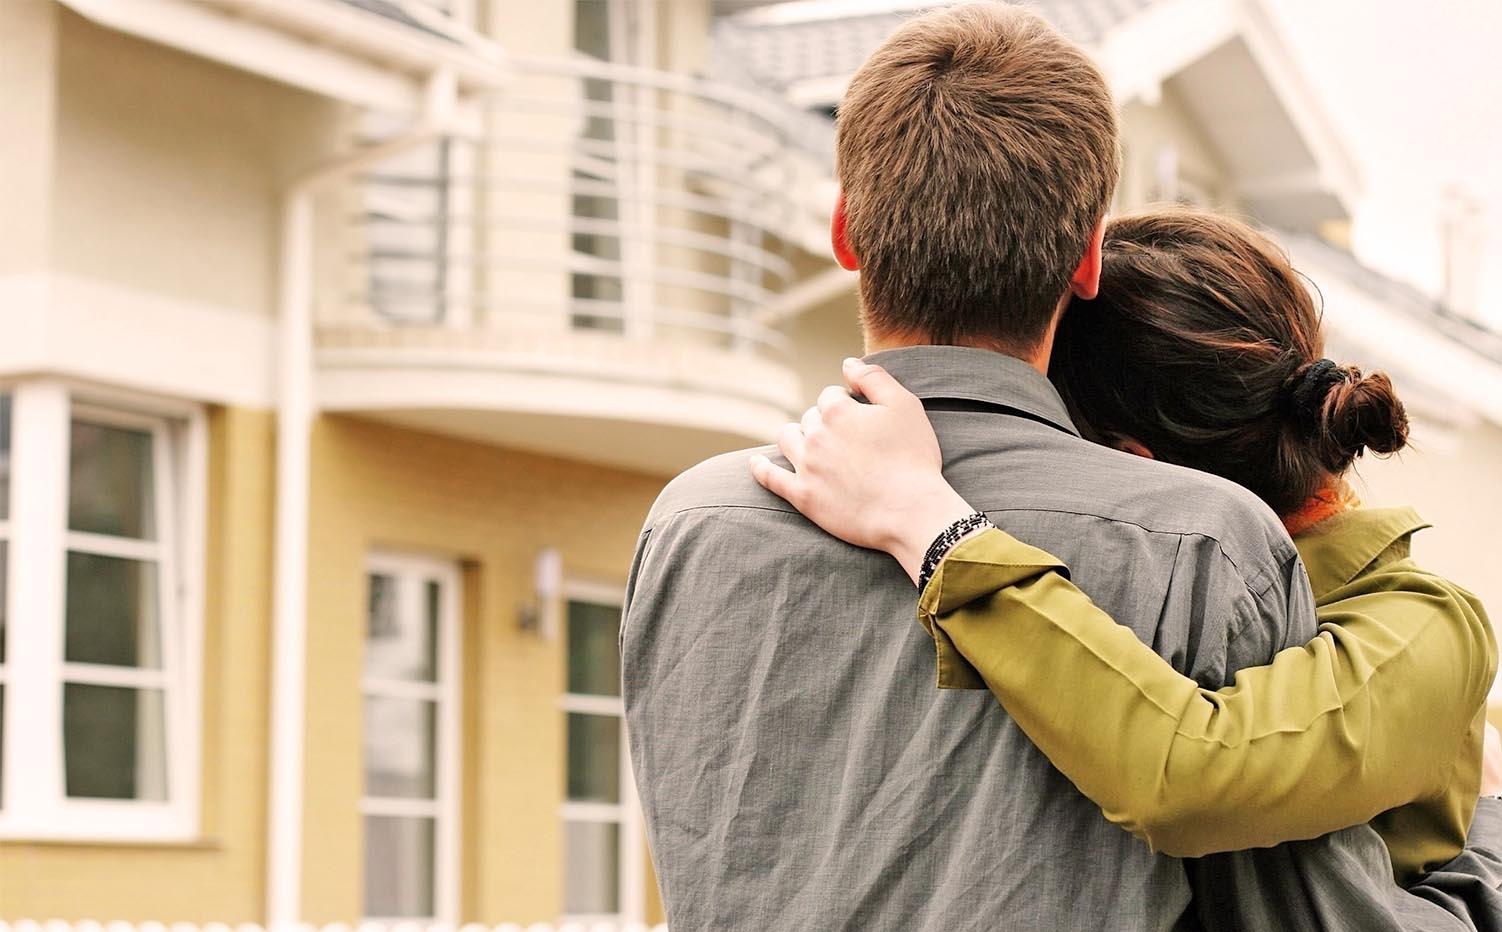 Фольксваген Транспортер ипотеку дают меньше чем стоит квартира организация обанкротилась среду